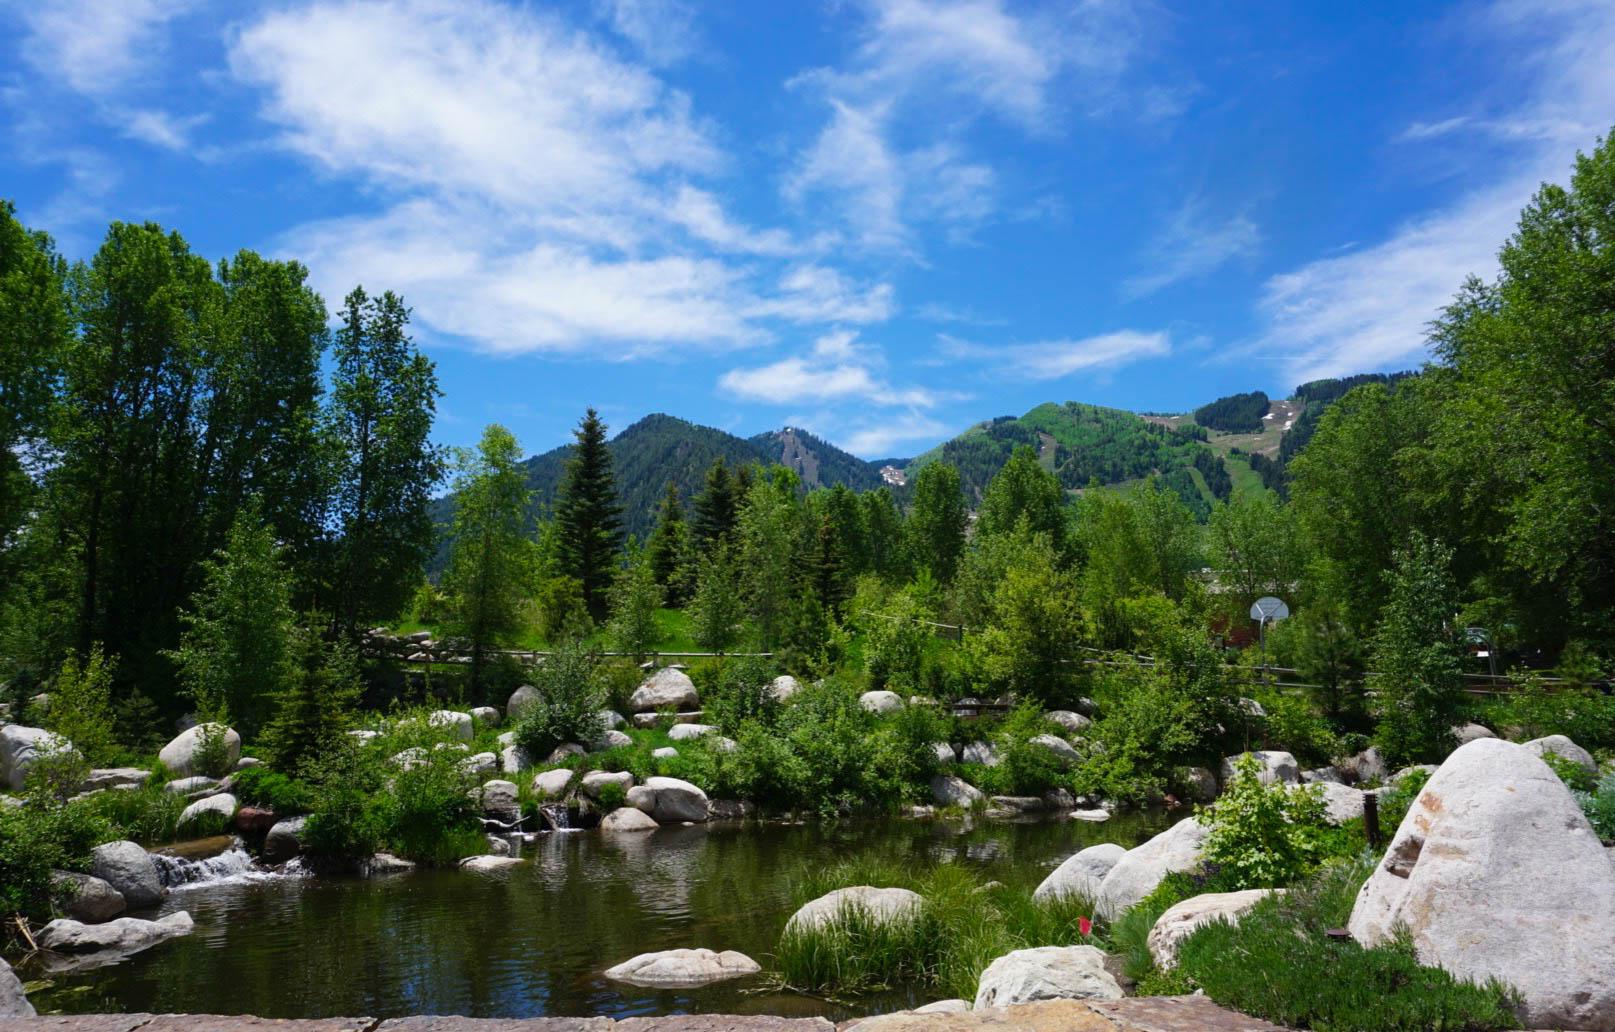 Aspen: A Natural Wonder